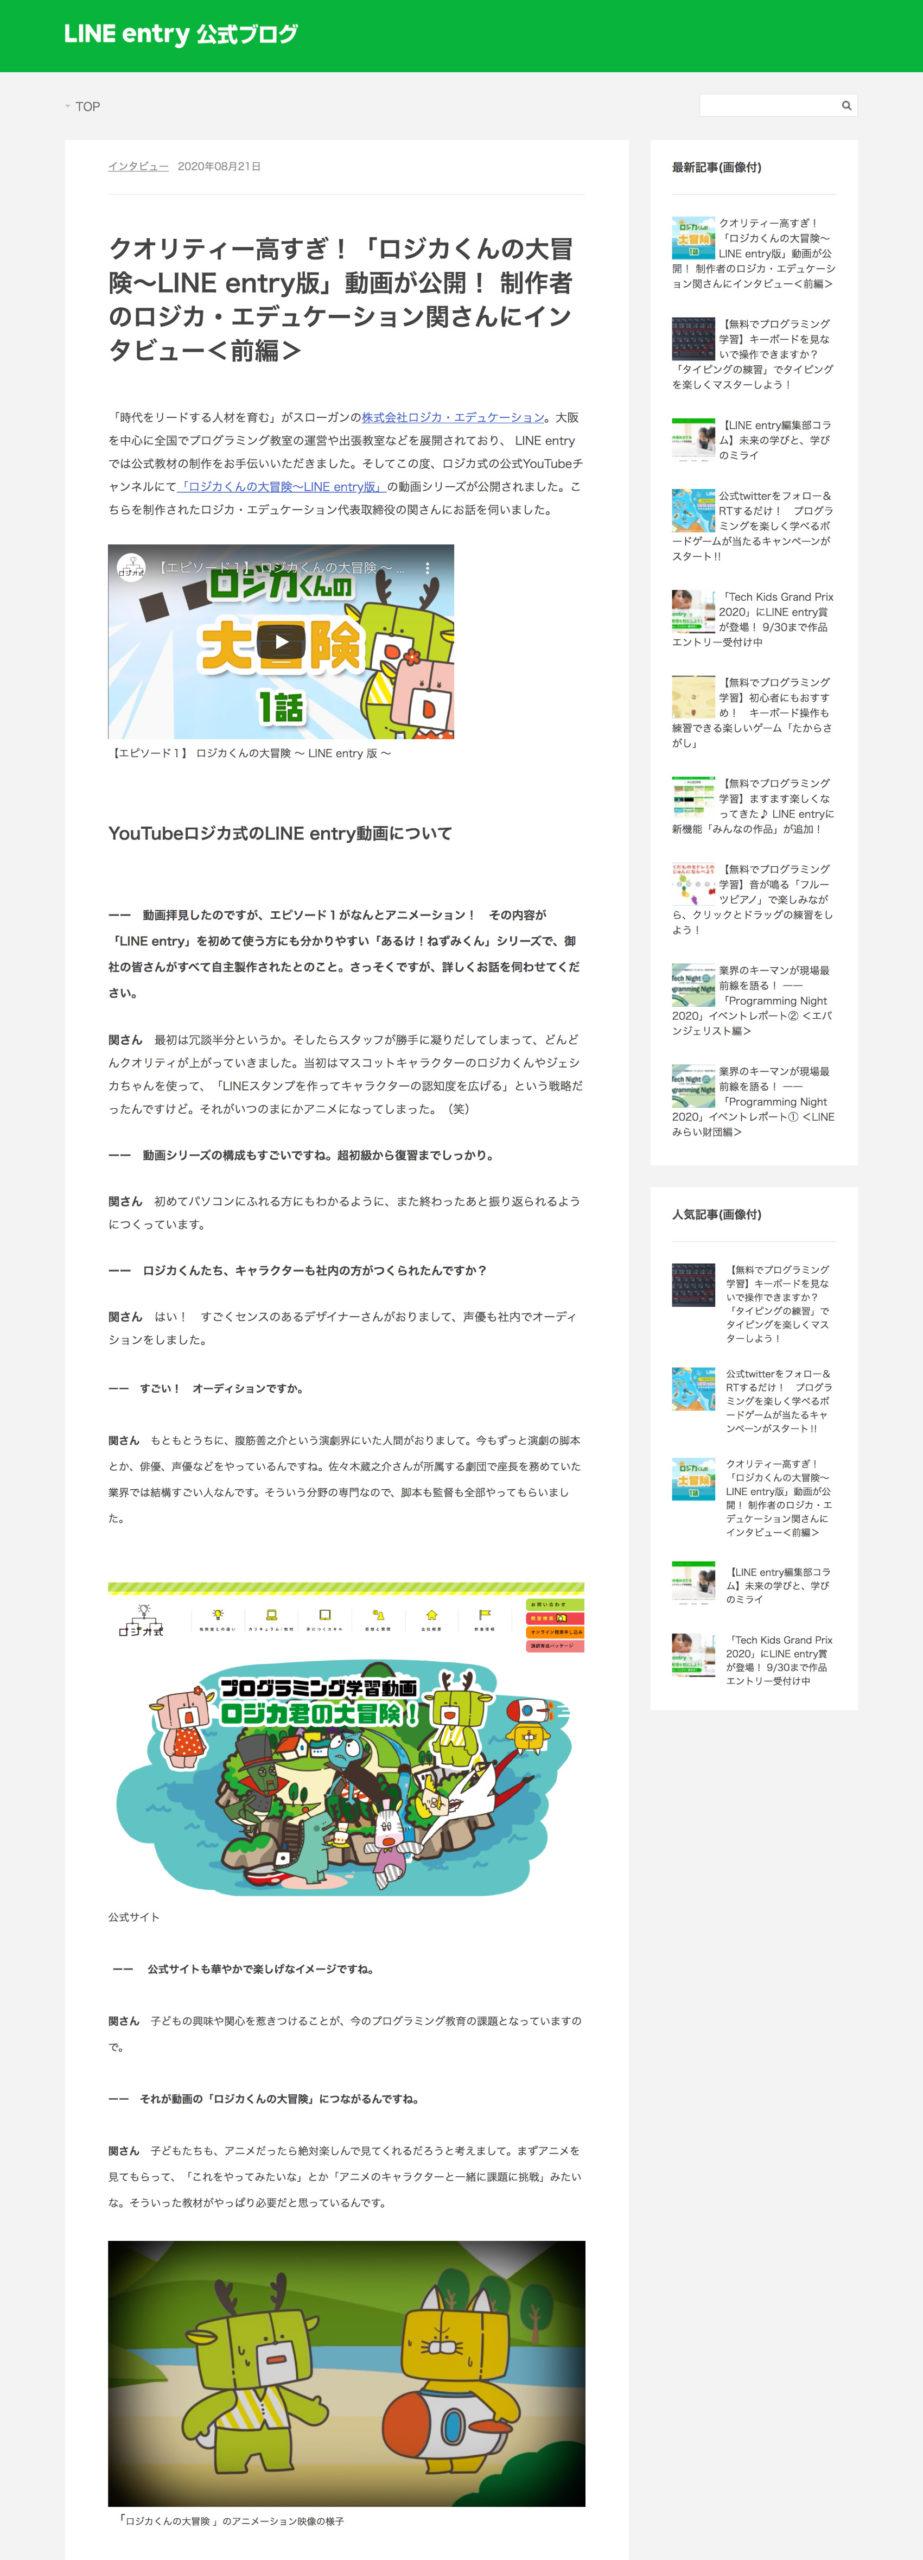 ロジカくんの大冒険~LINE entry版